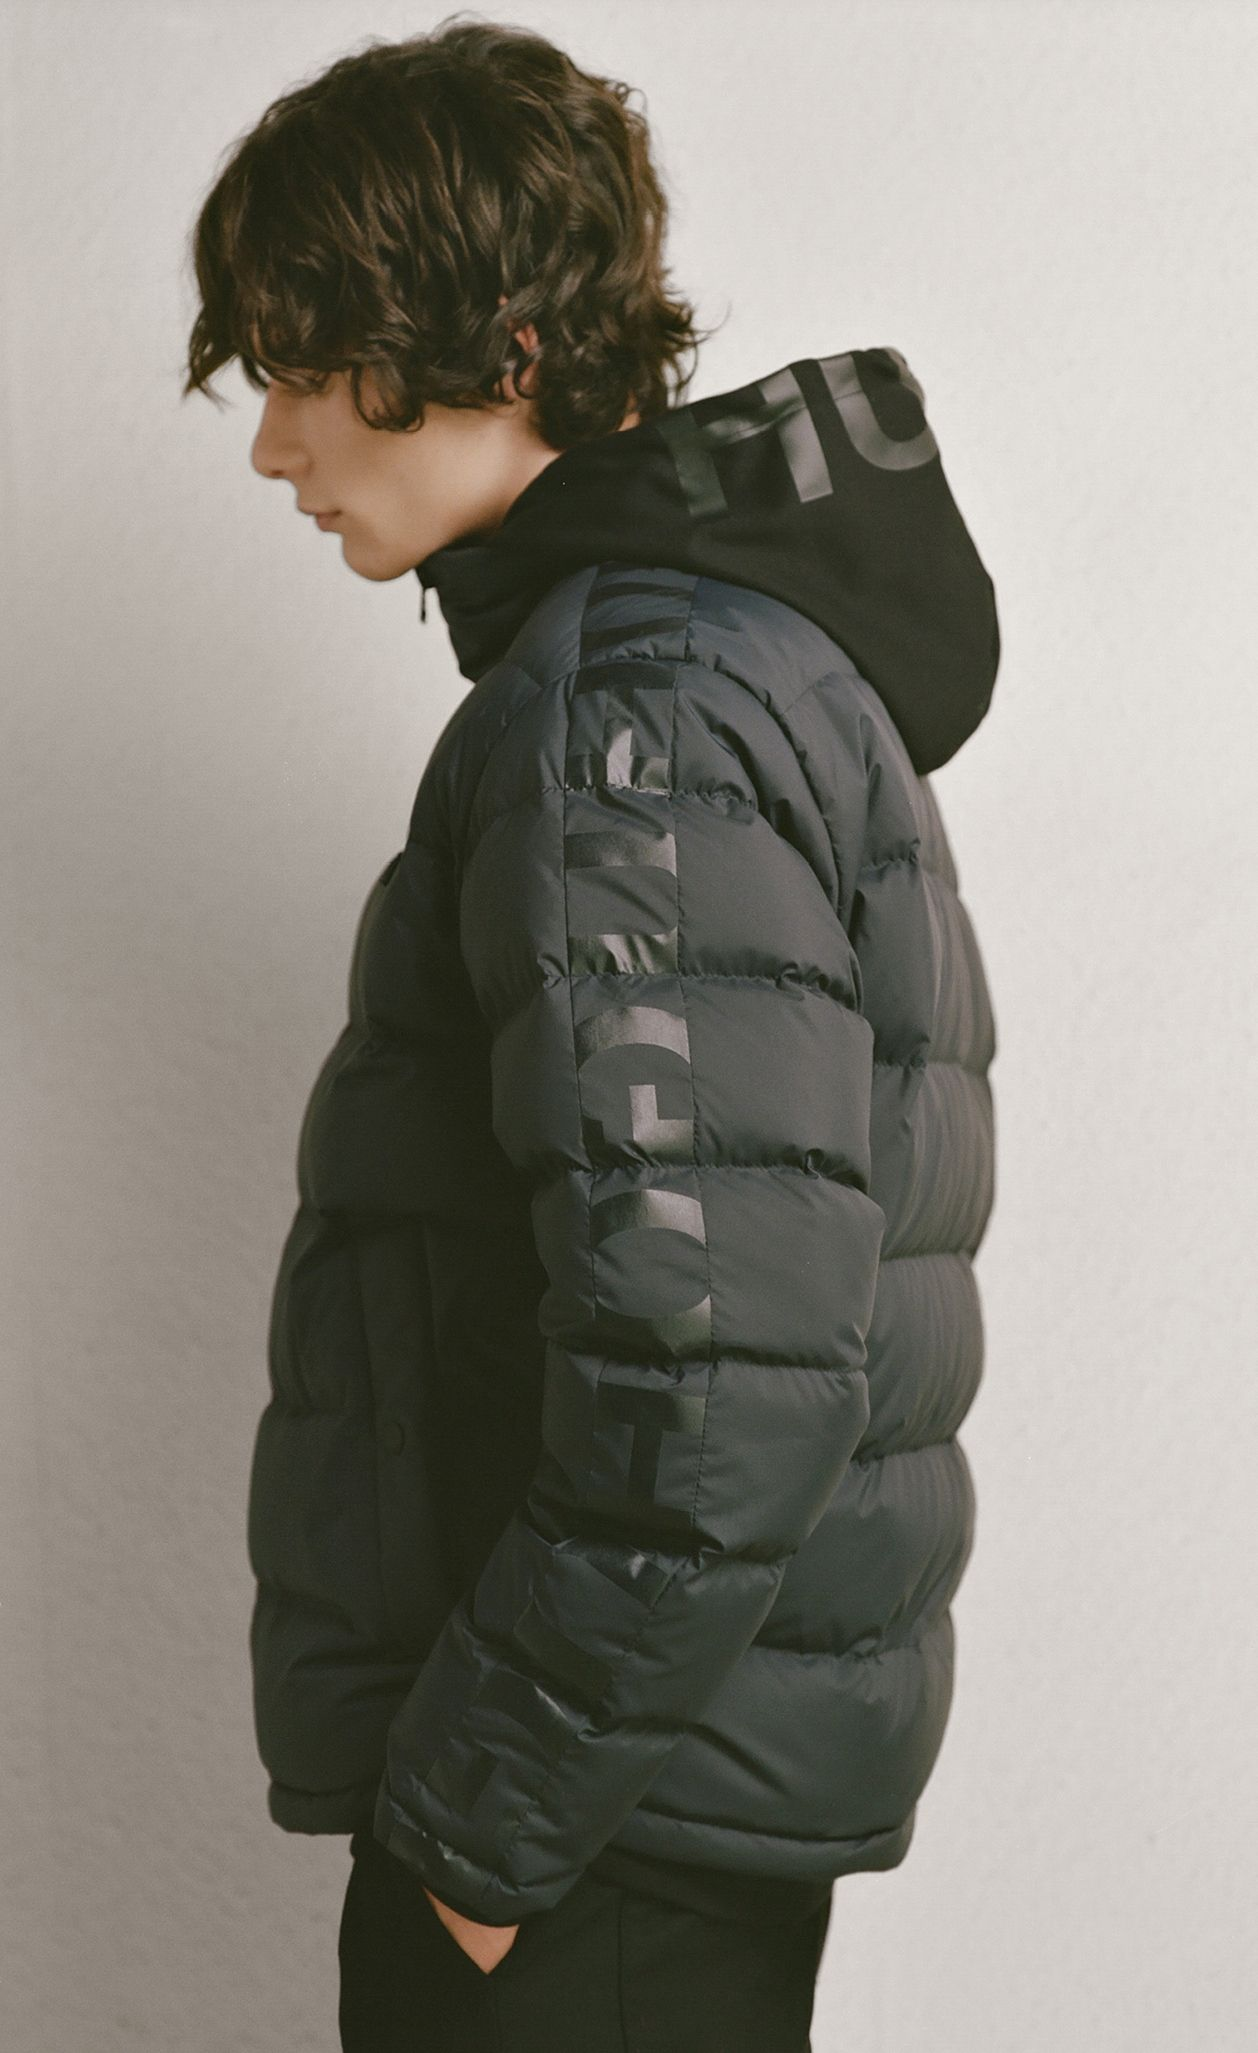 Hugo Fall Winter 2018 Menswear Mens Outerwear Jacket Hugo Menswear [ 2053 x 1258 Pixel ]